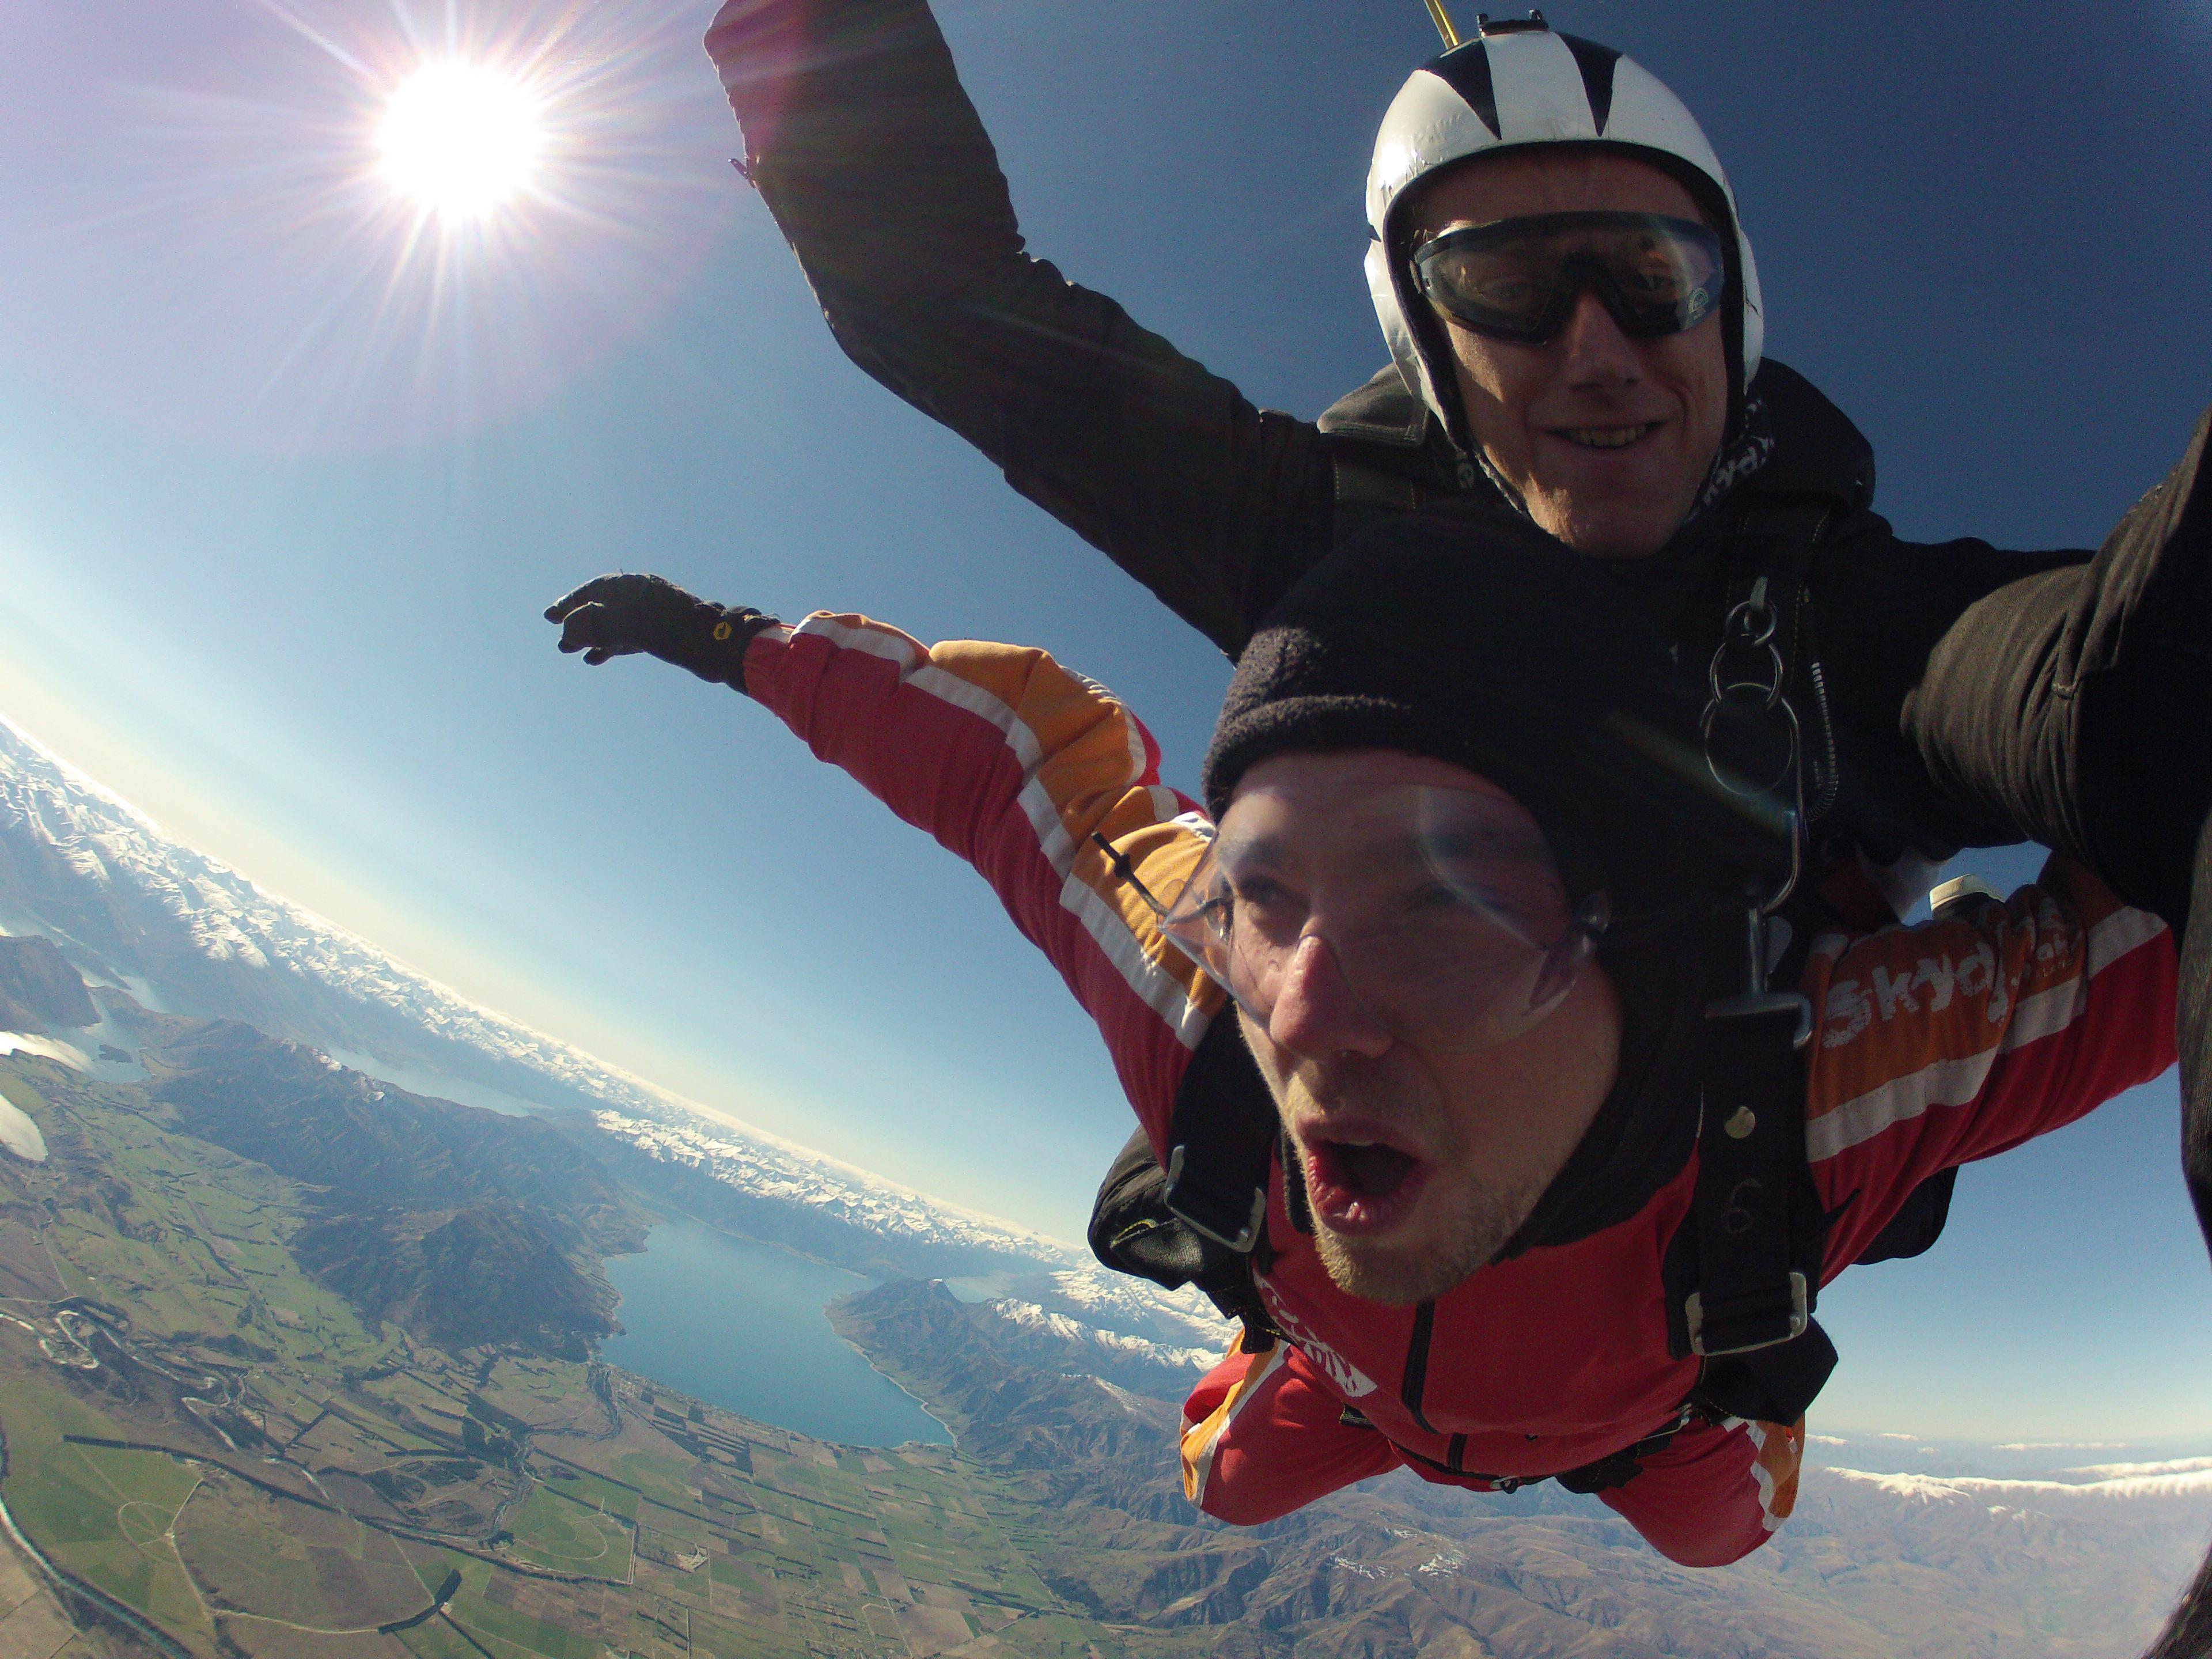 Life of a ski instructor in Wanaka, New Zealand